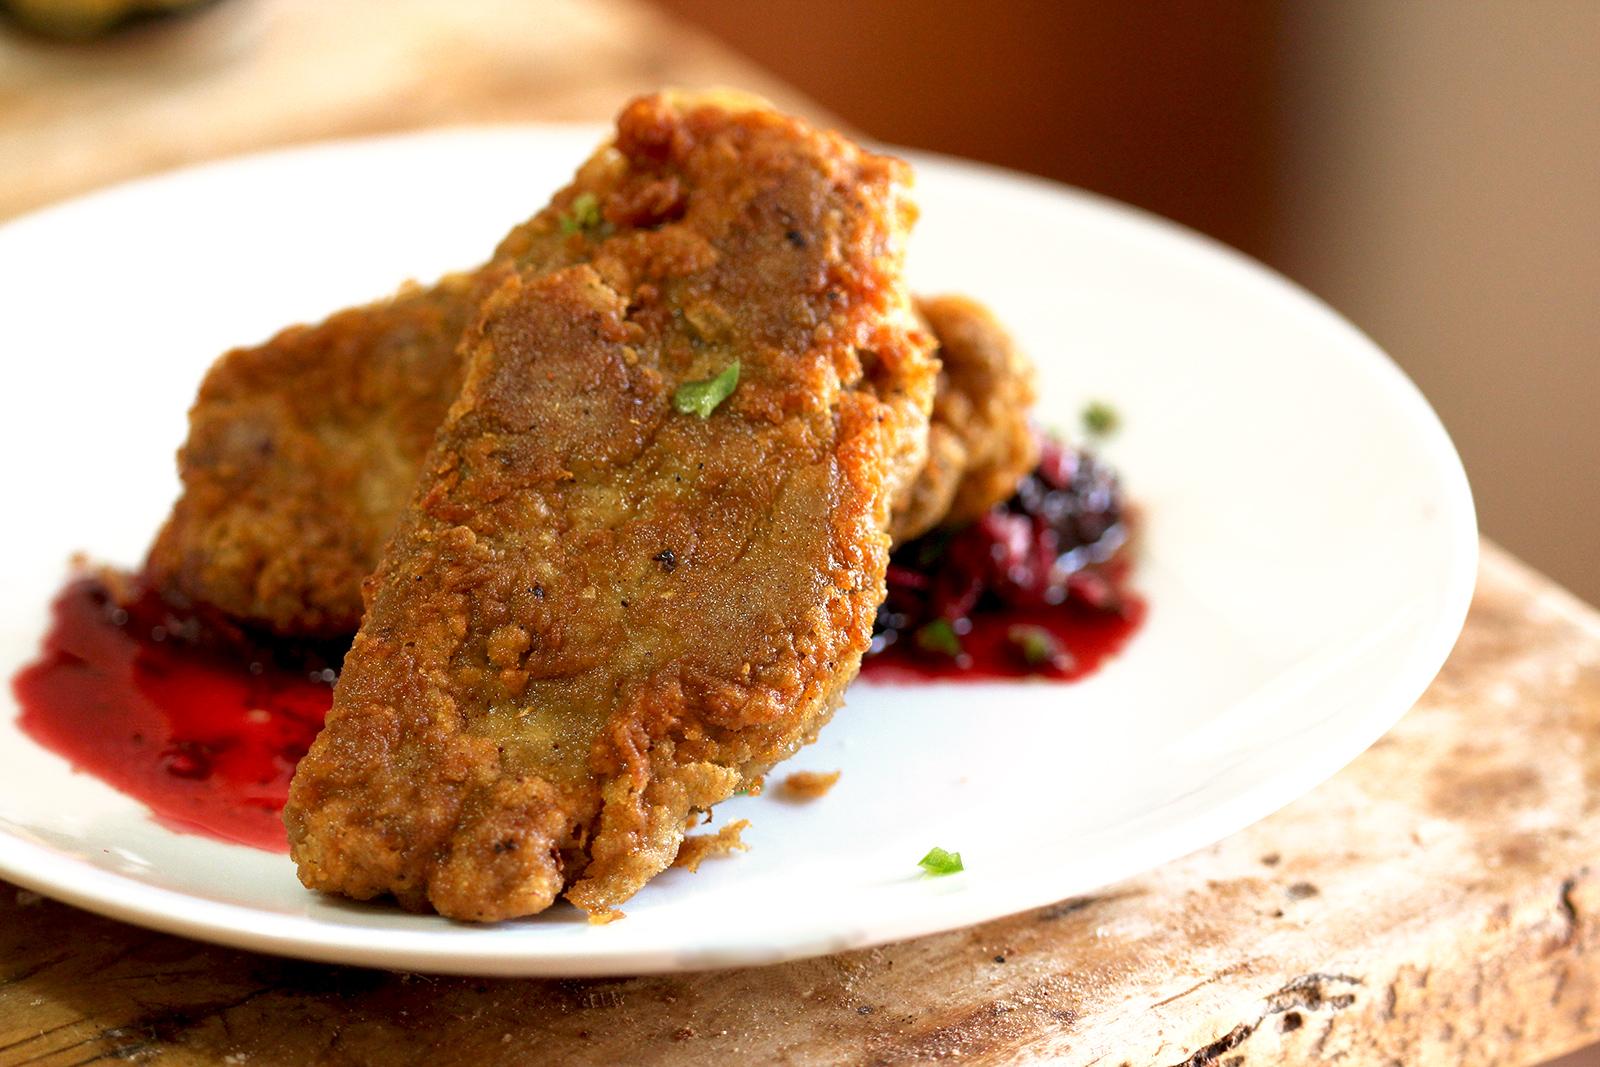 Veganize It! Foreign Cinema's Garam Masala Fried Chicken